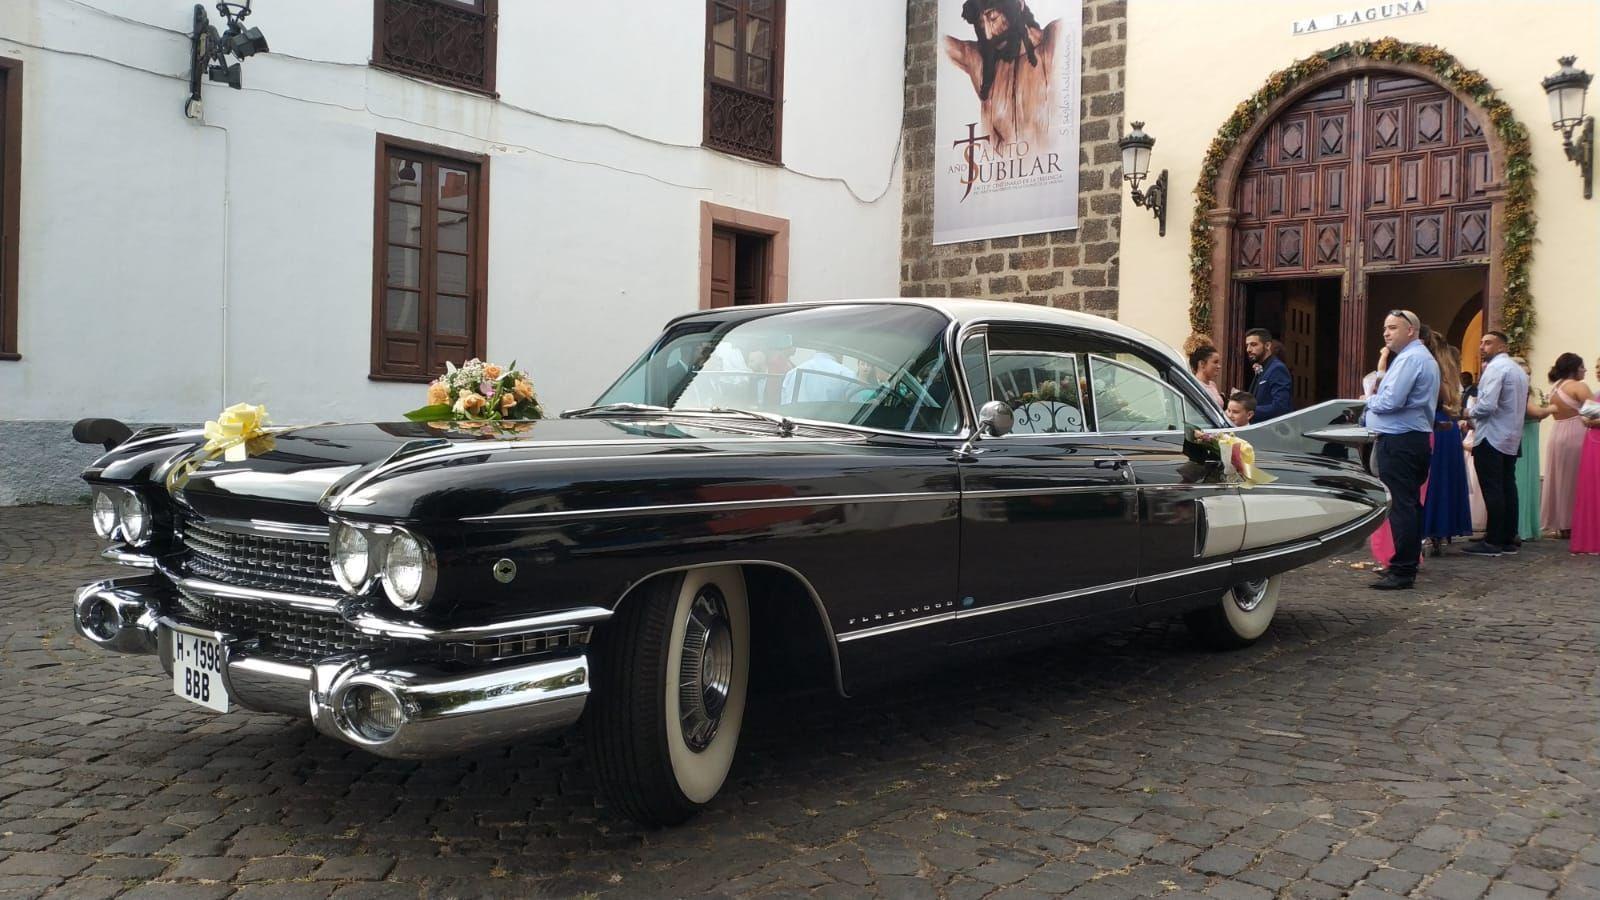 Alquiler de Cadillac Fleetwood 1959 con conductor en Tenerife